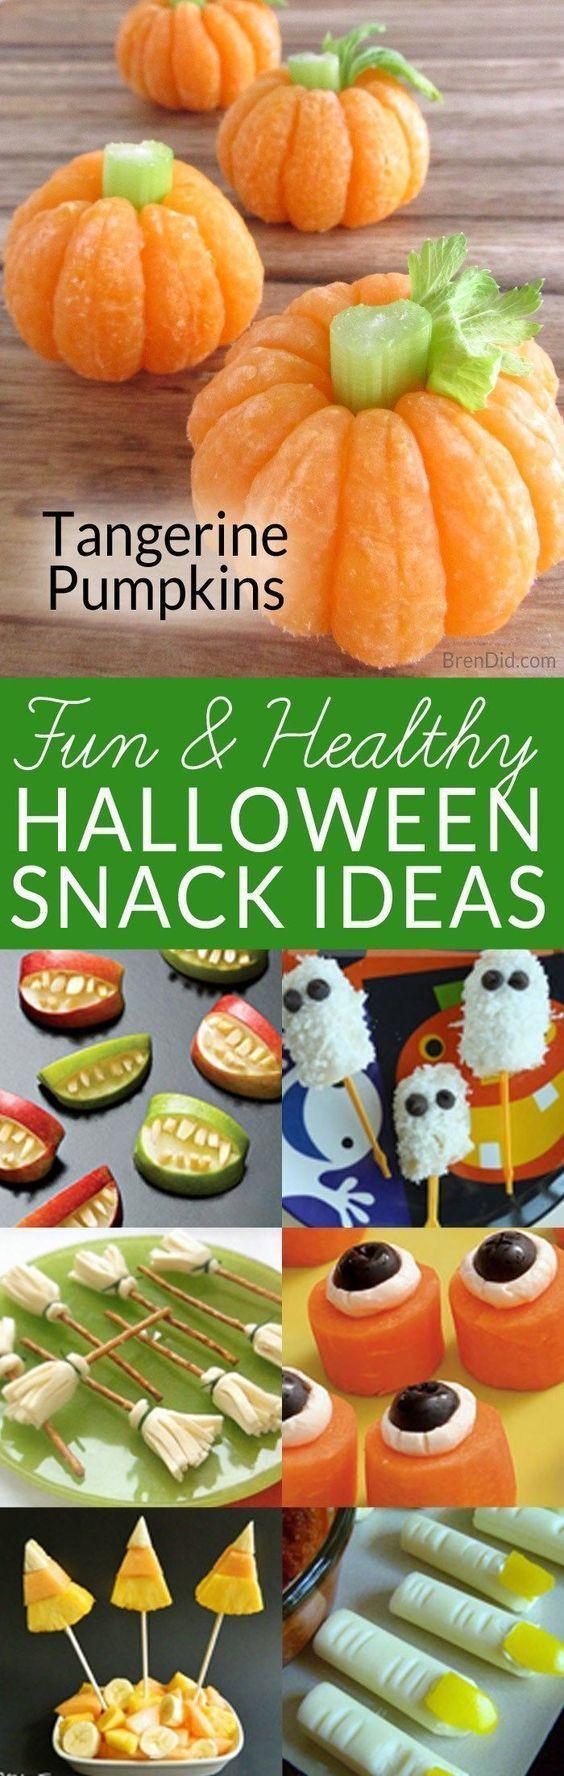 Healthy Halloween Snacks For Kids  Best 25 Healthy halloween snacks ideas on Pinterest